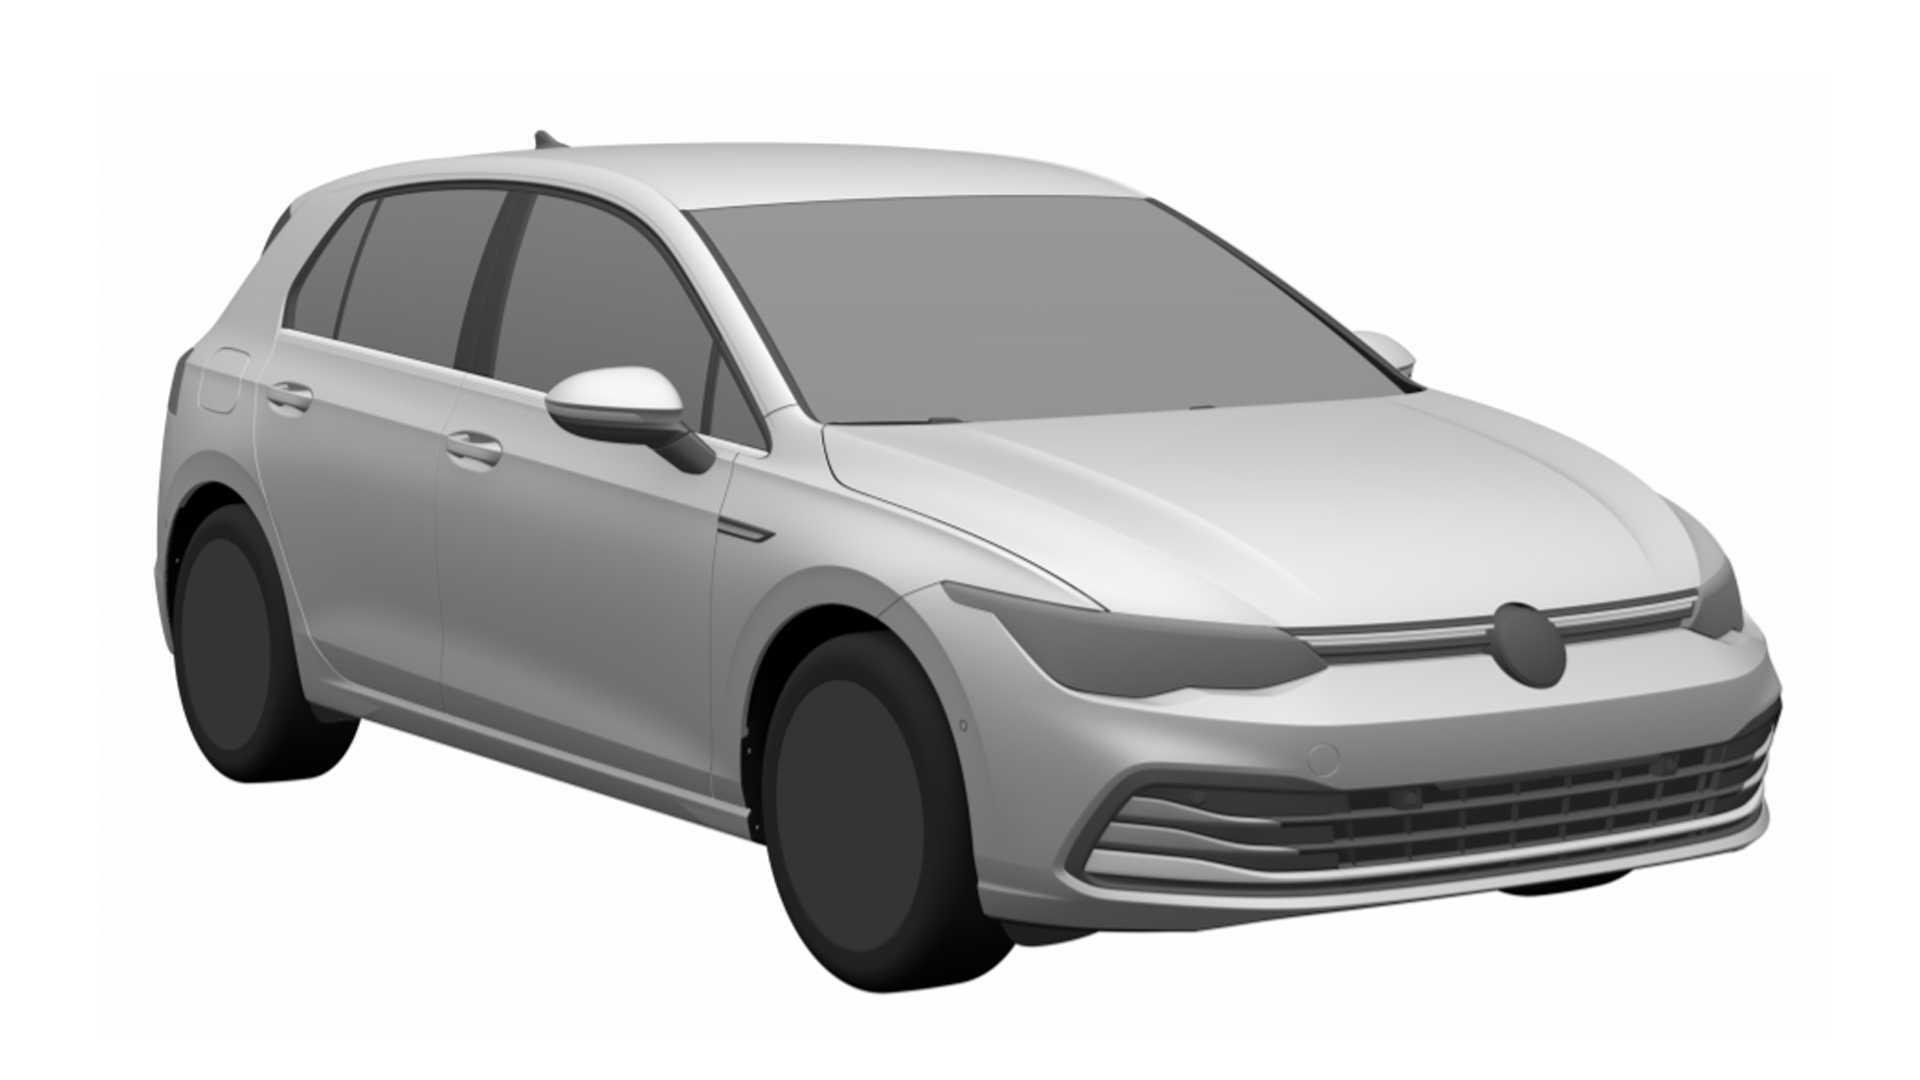 Volkswagen Golf de oitava geração foi registrado no INPI